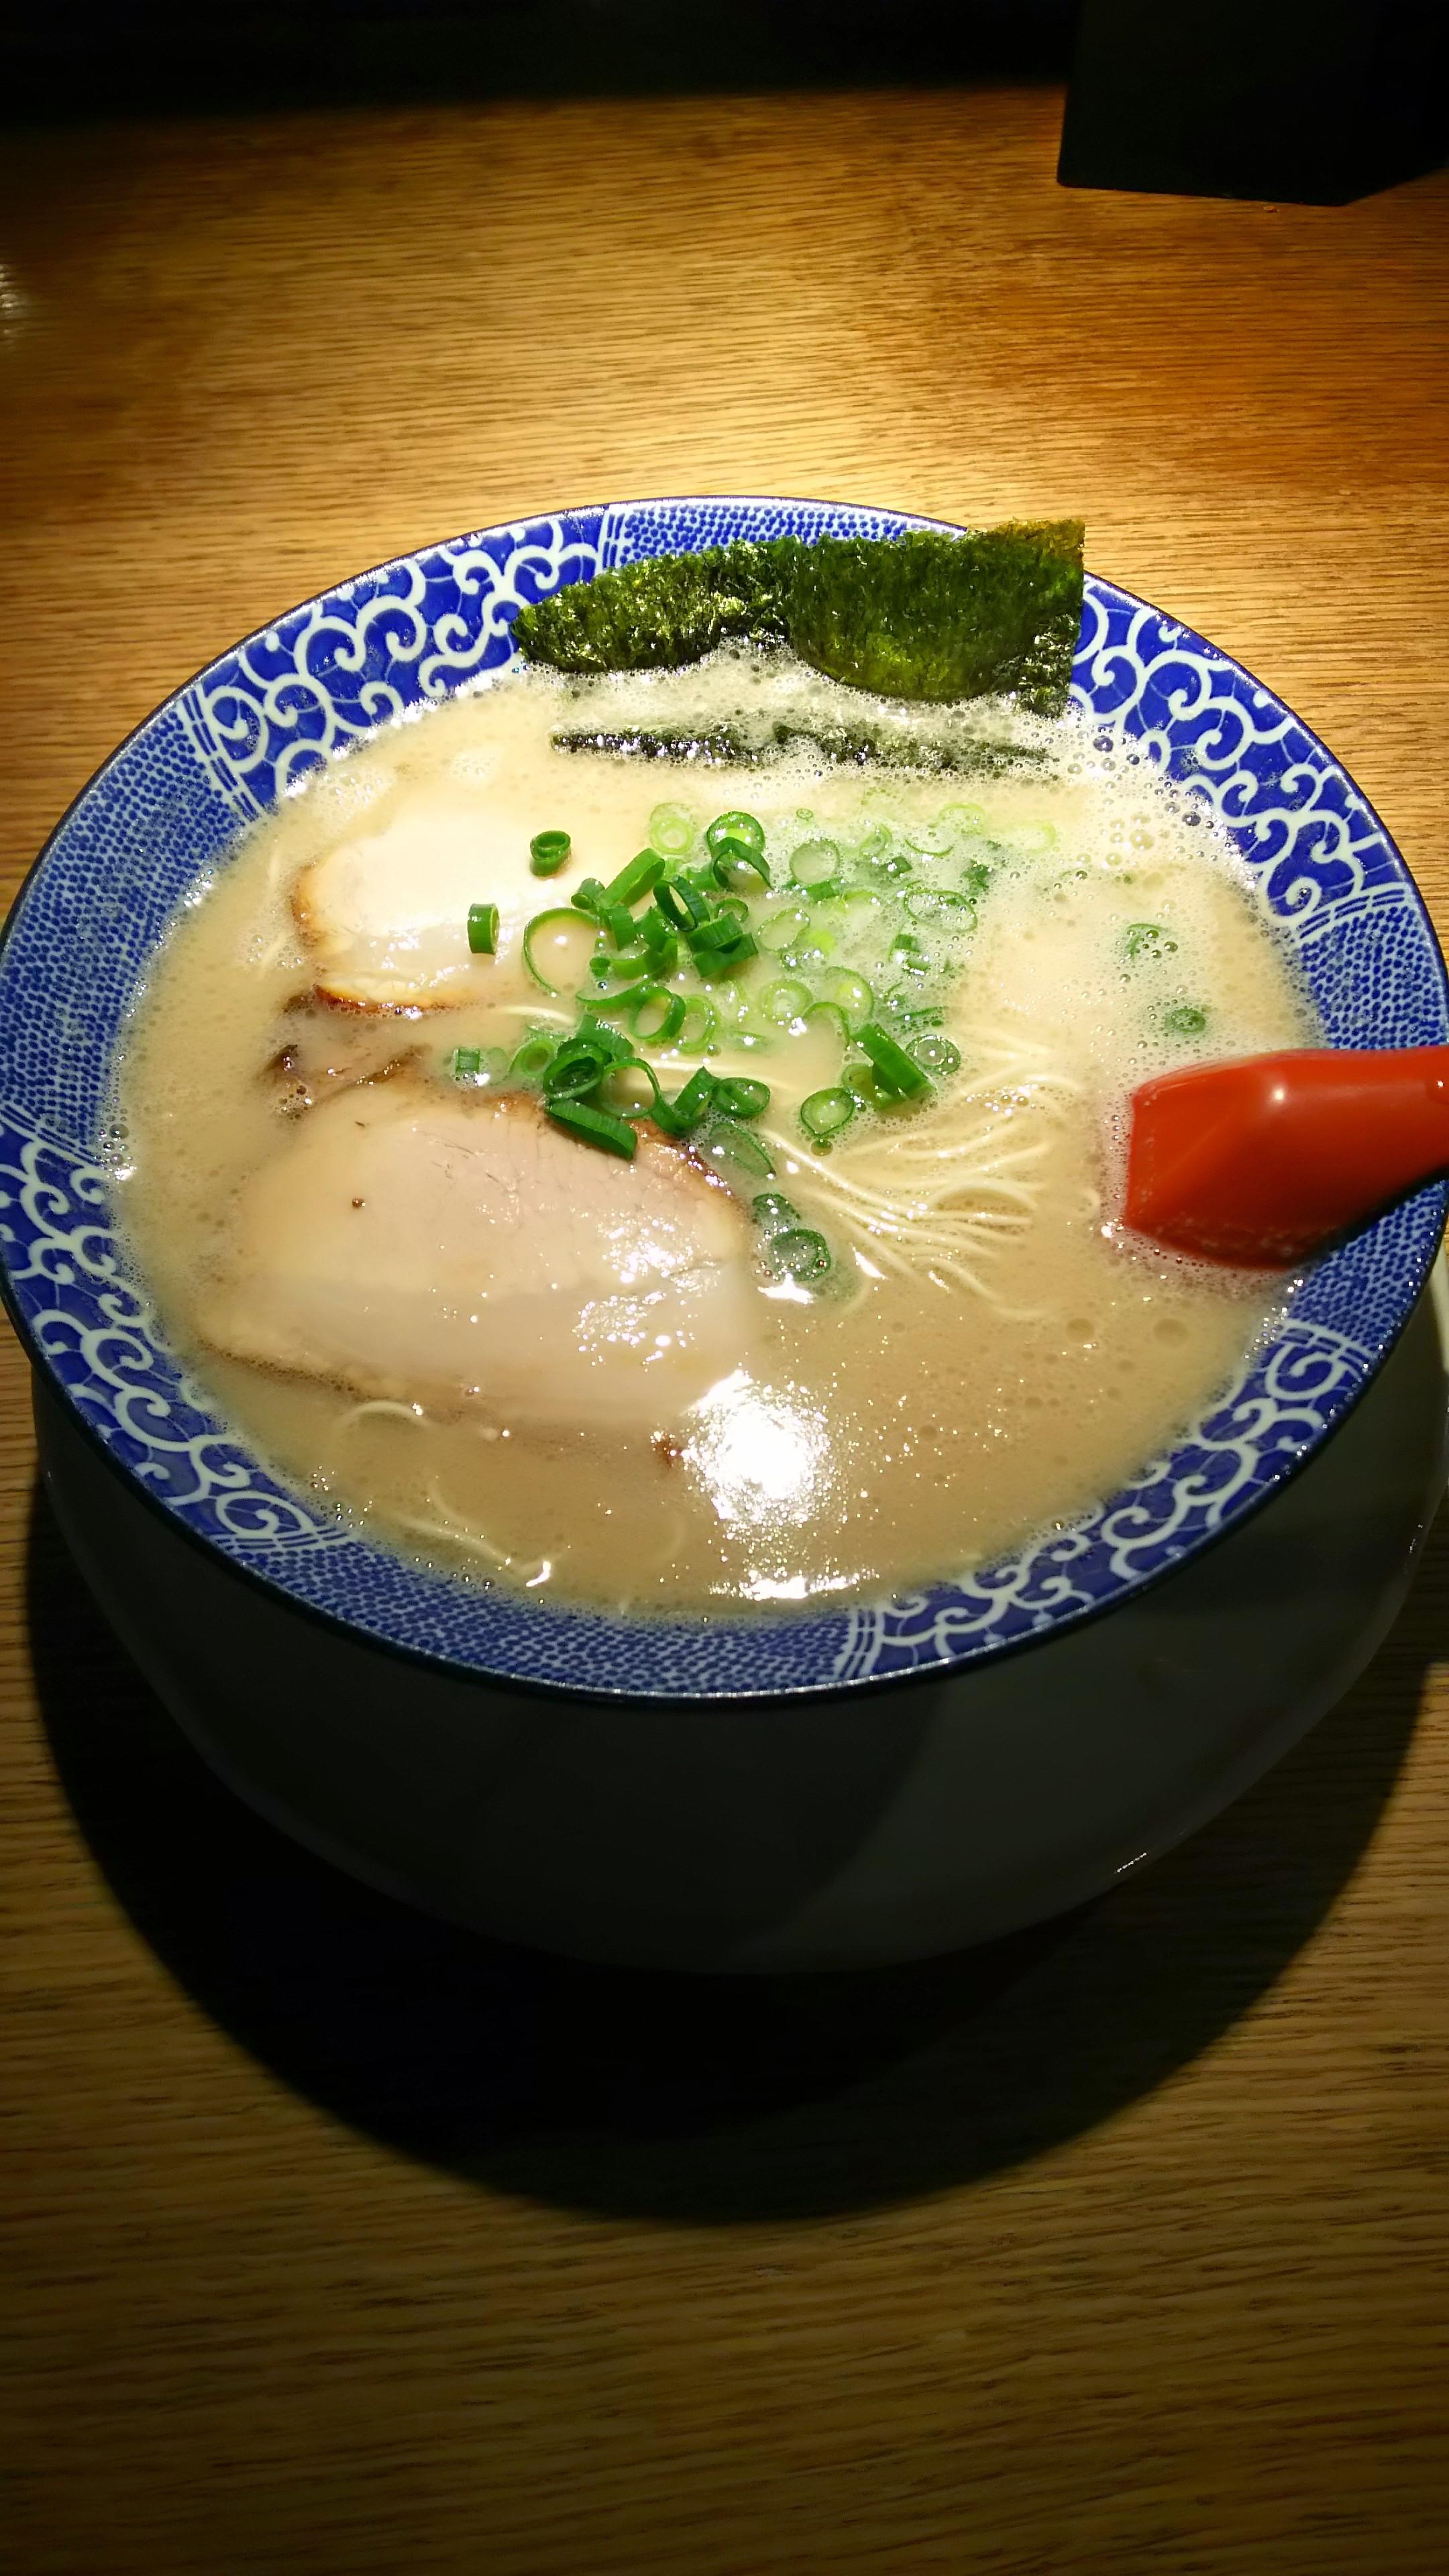 【レビュー】名古屋市緑区 鶴亀堂緑神の倉店に行ってきた